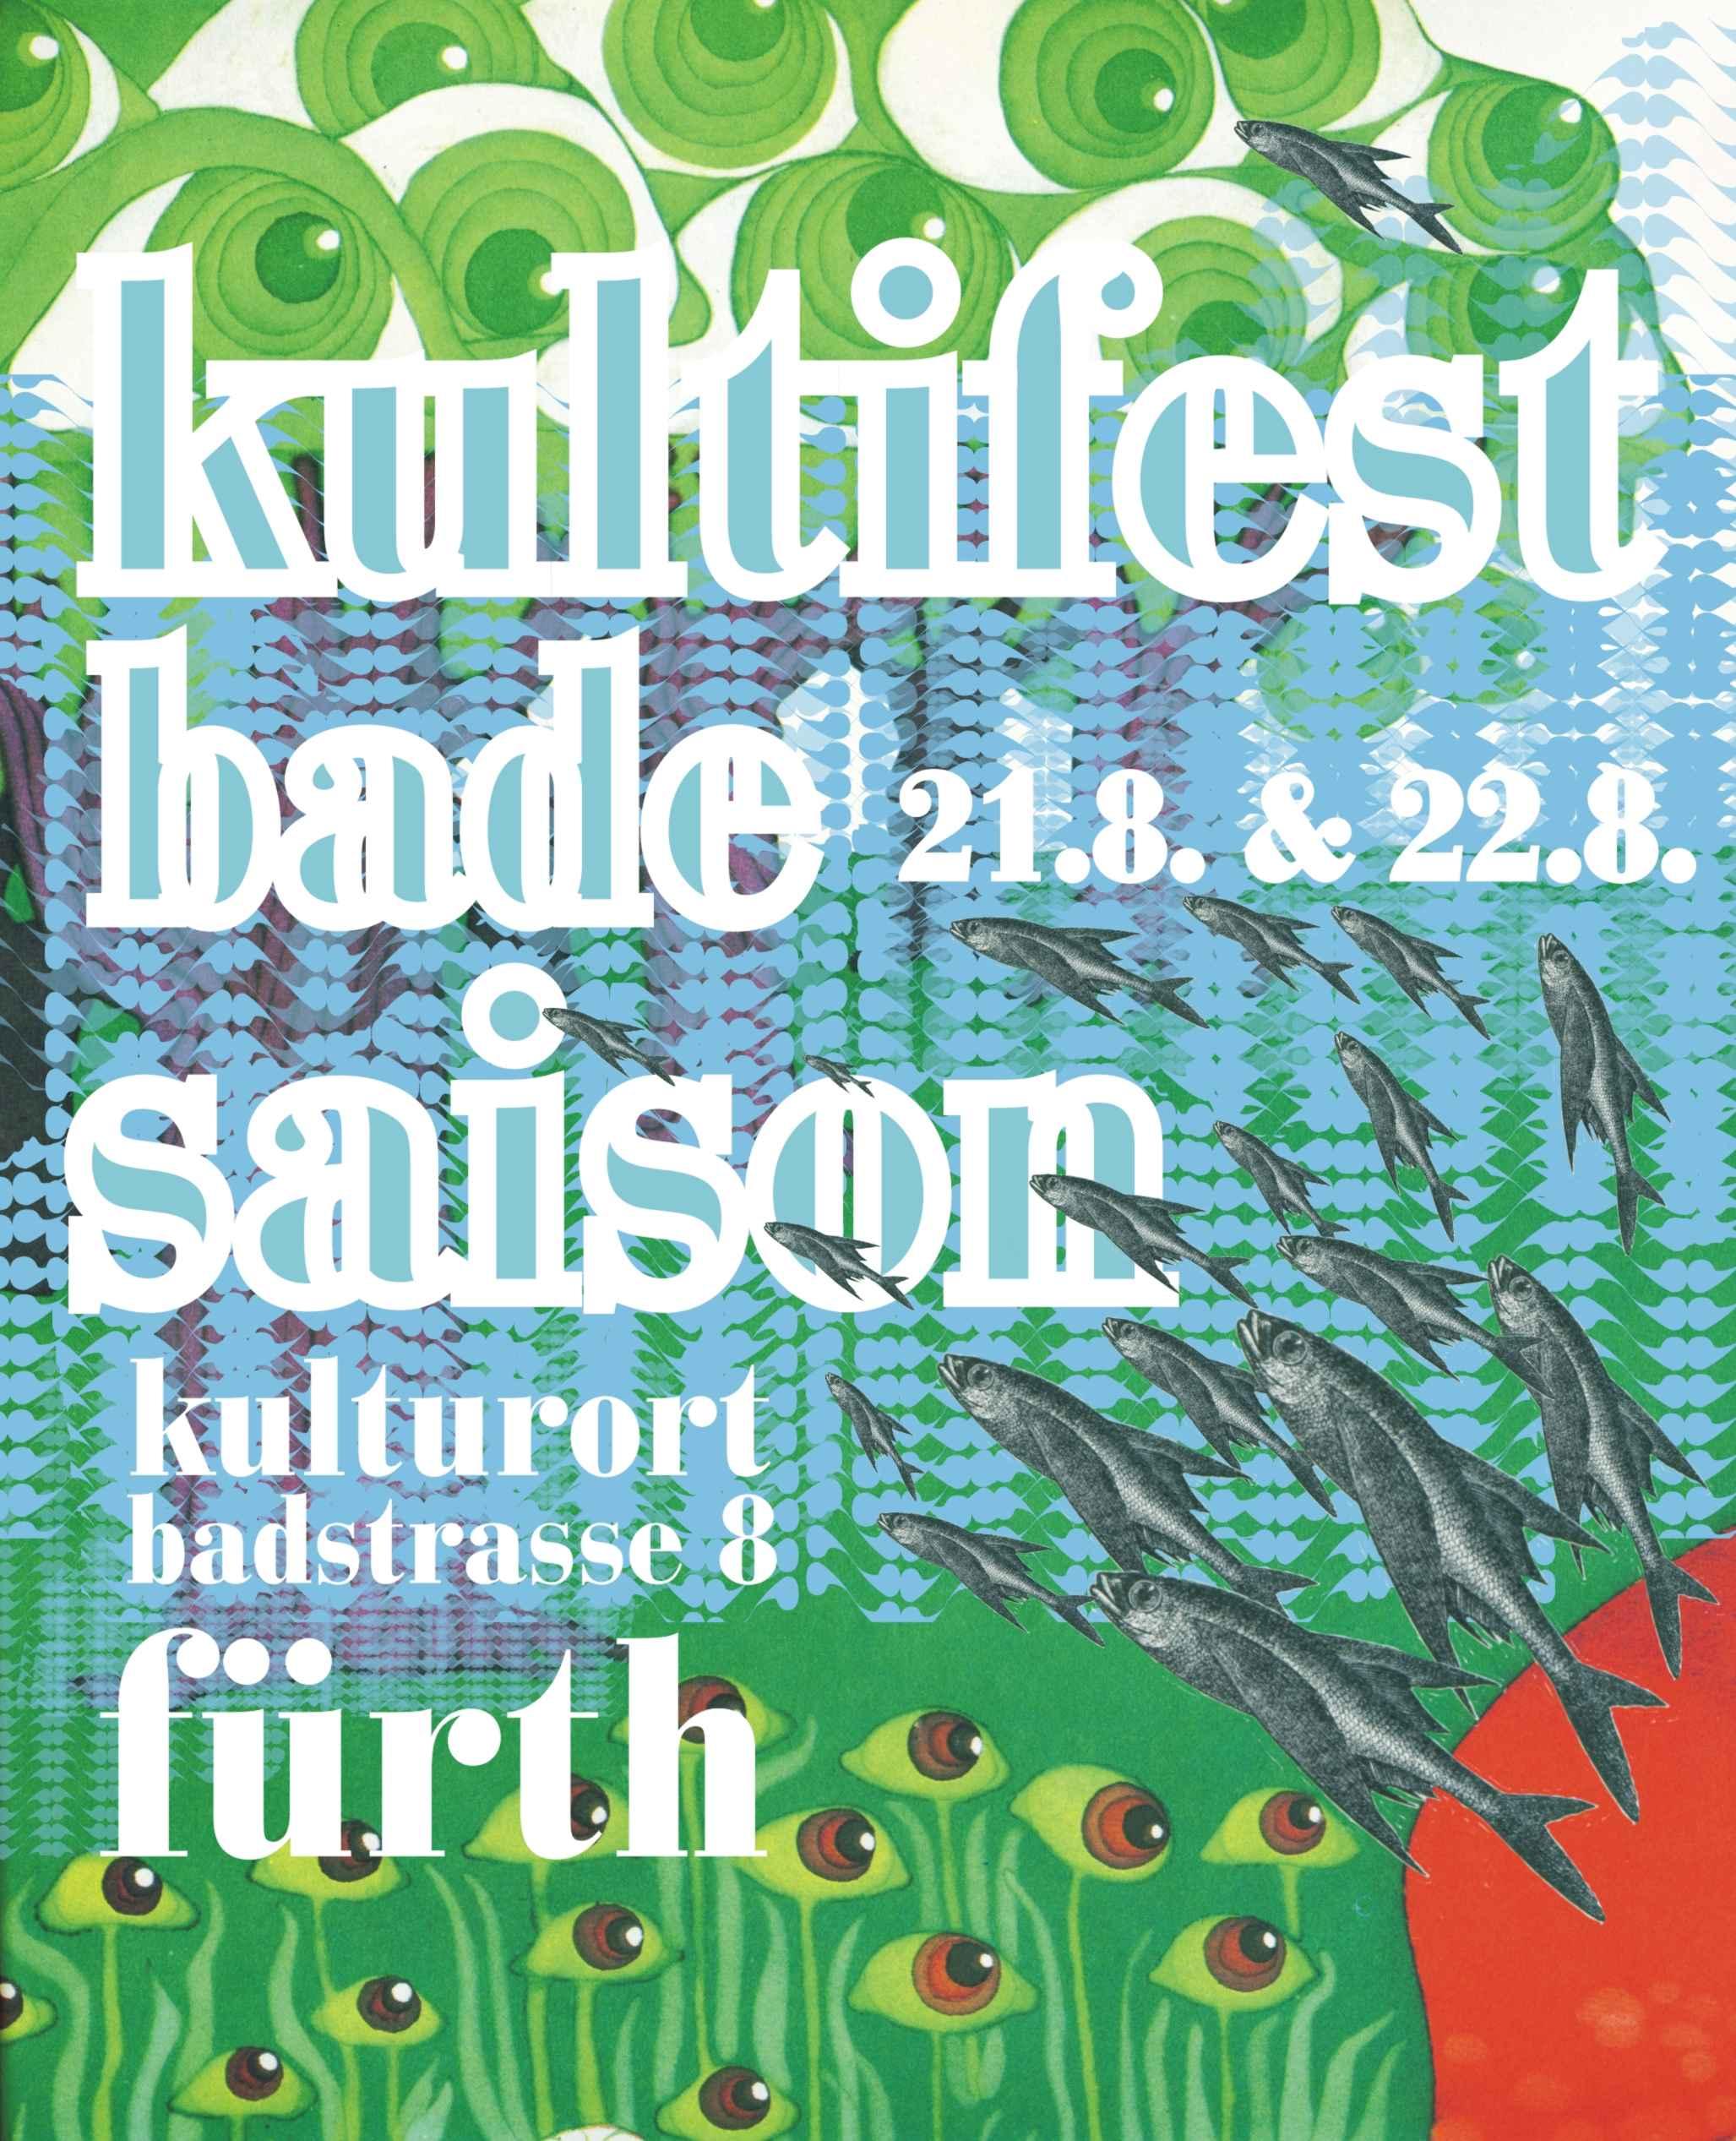 Flyer Badesaison Kultifest 2009 Vorderseite